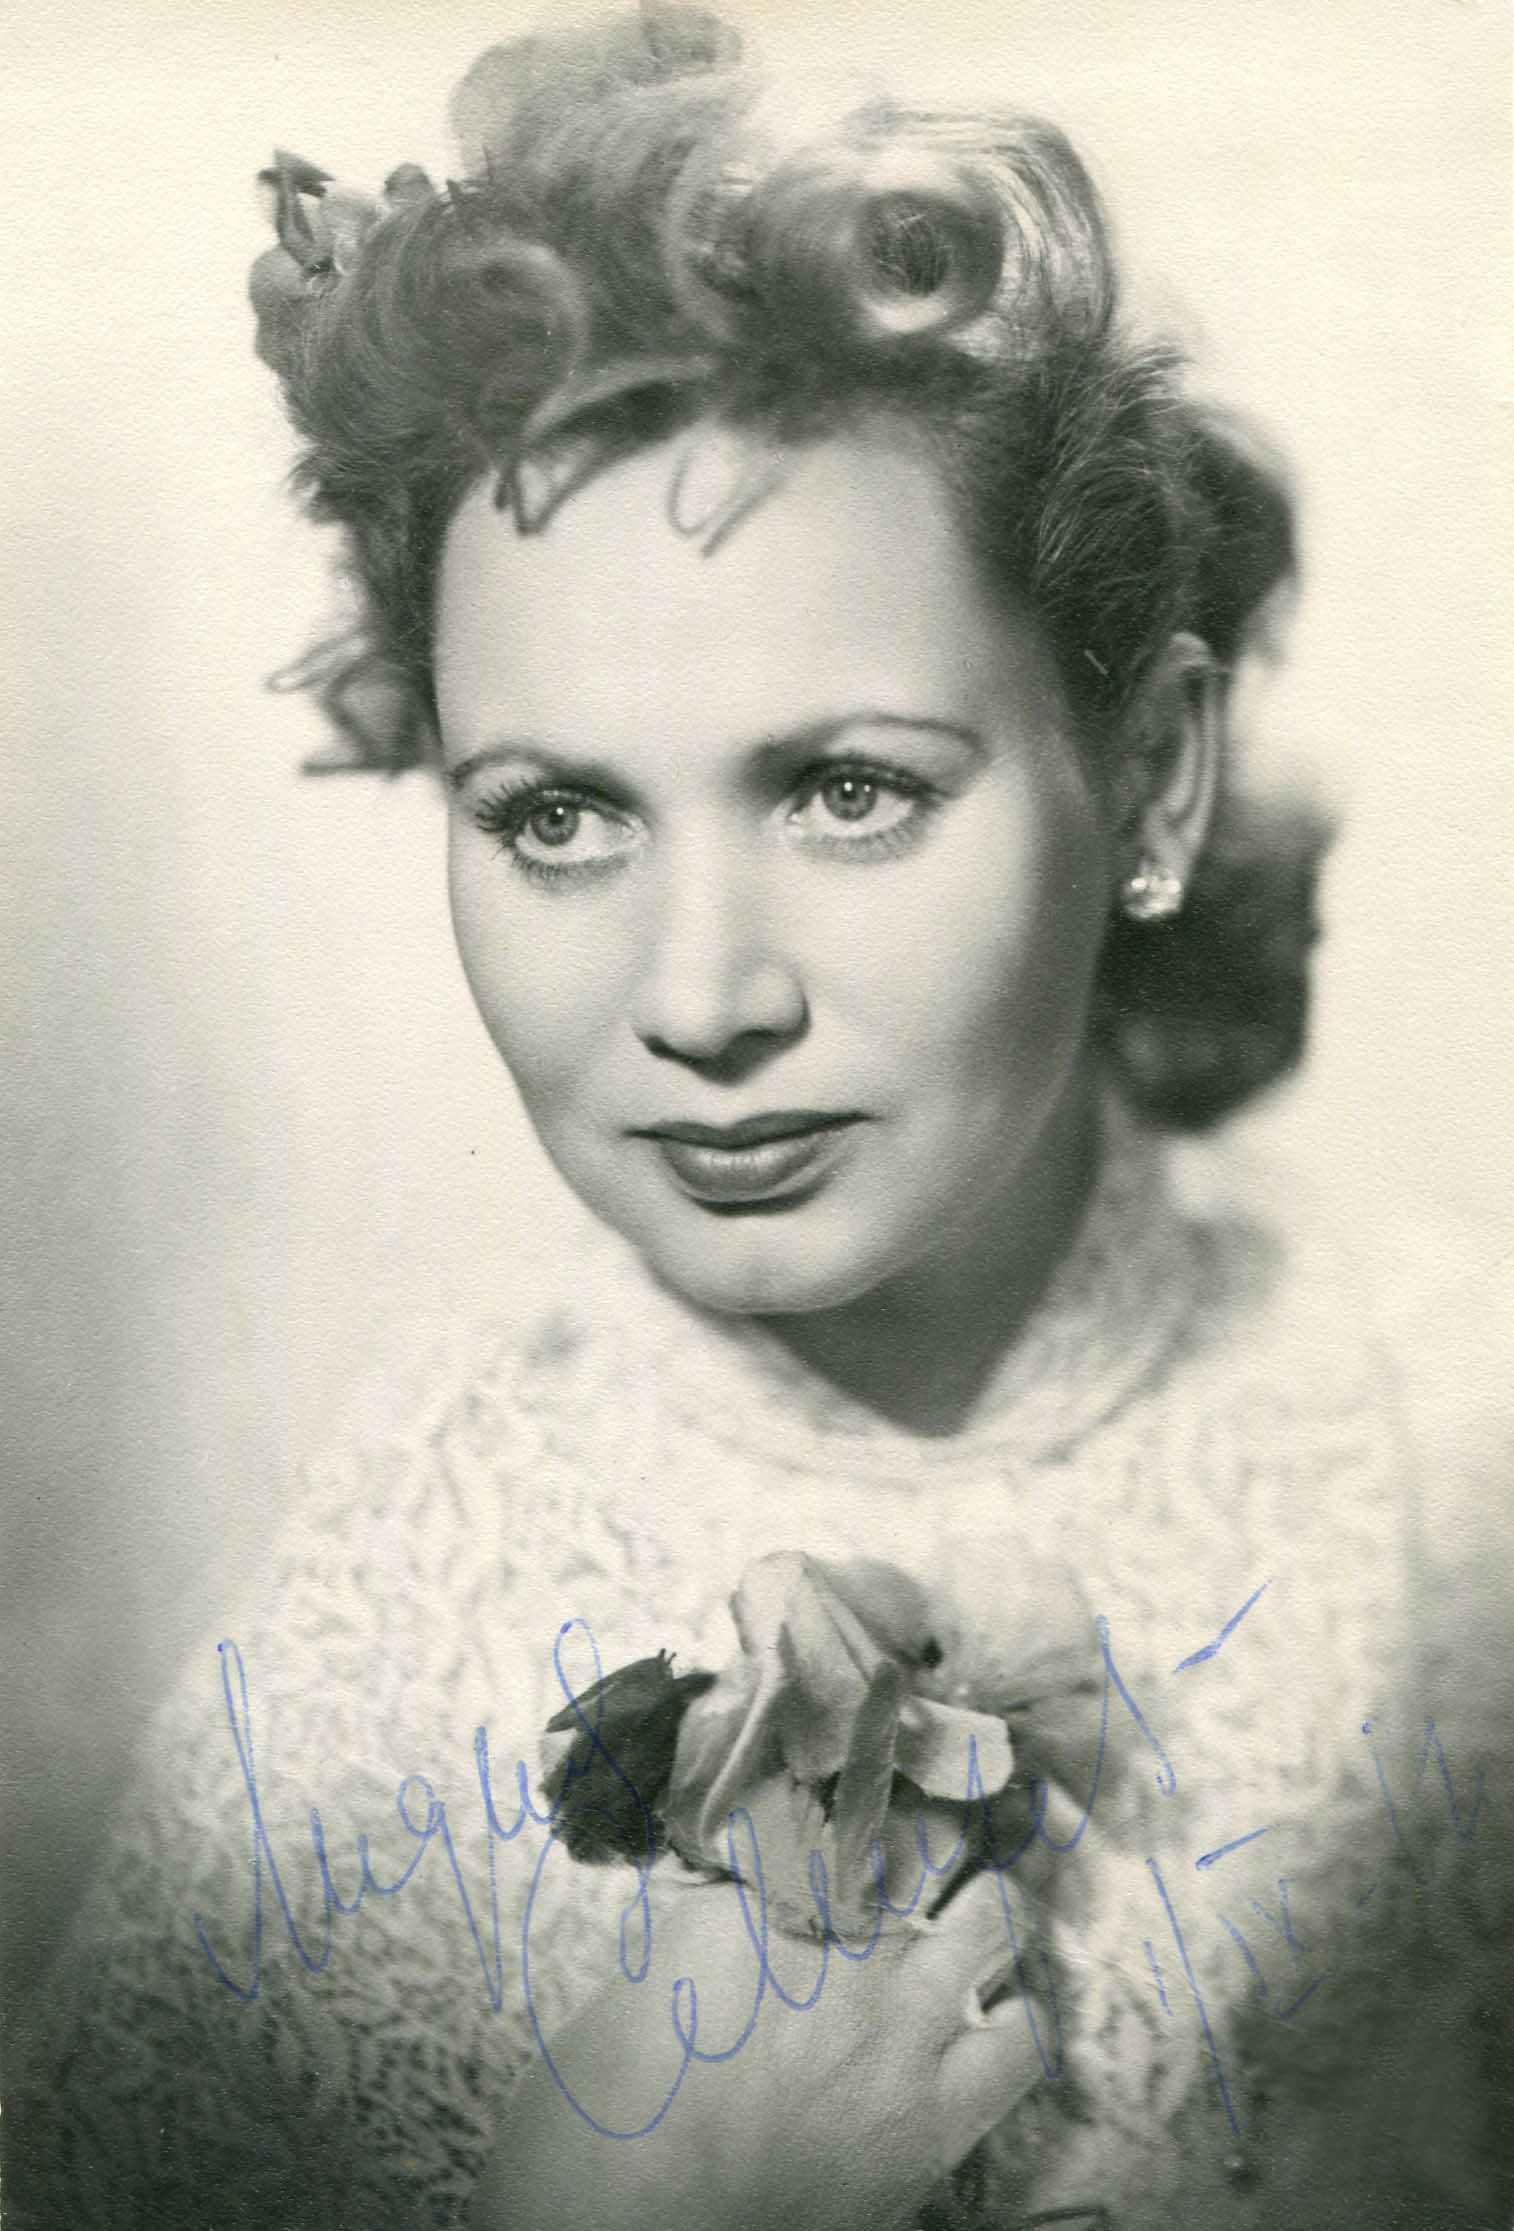 Экспонат #49. Актриса Лидия Смирнова (фото с дарственной надписью)